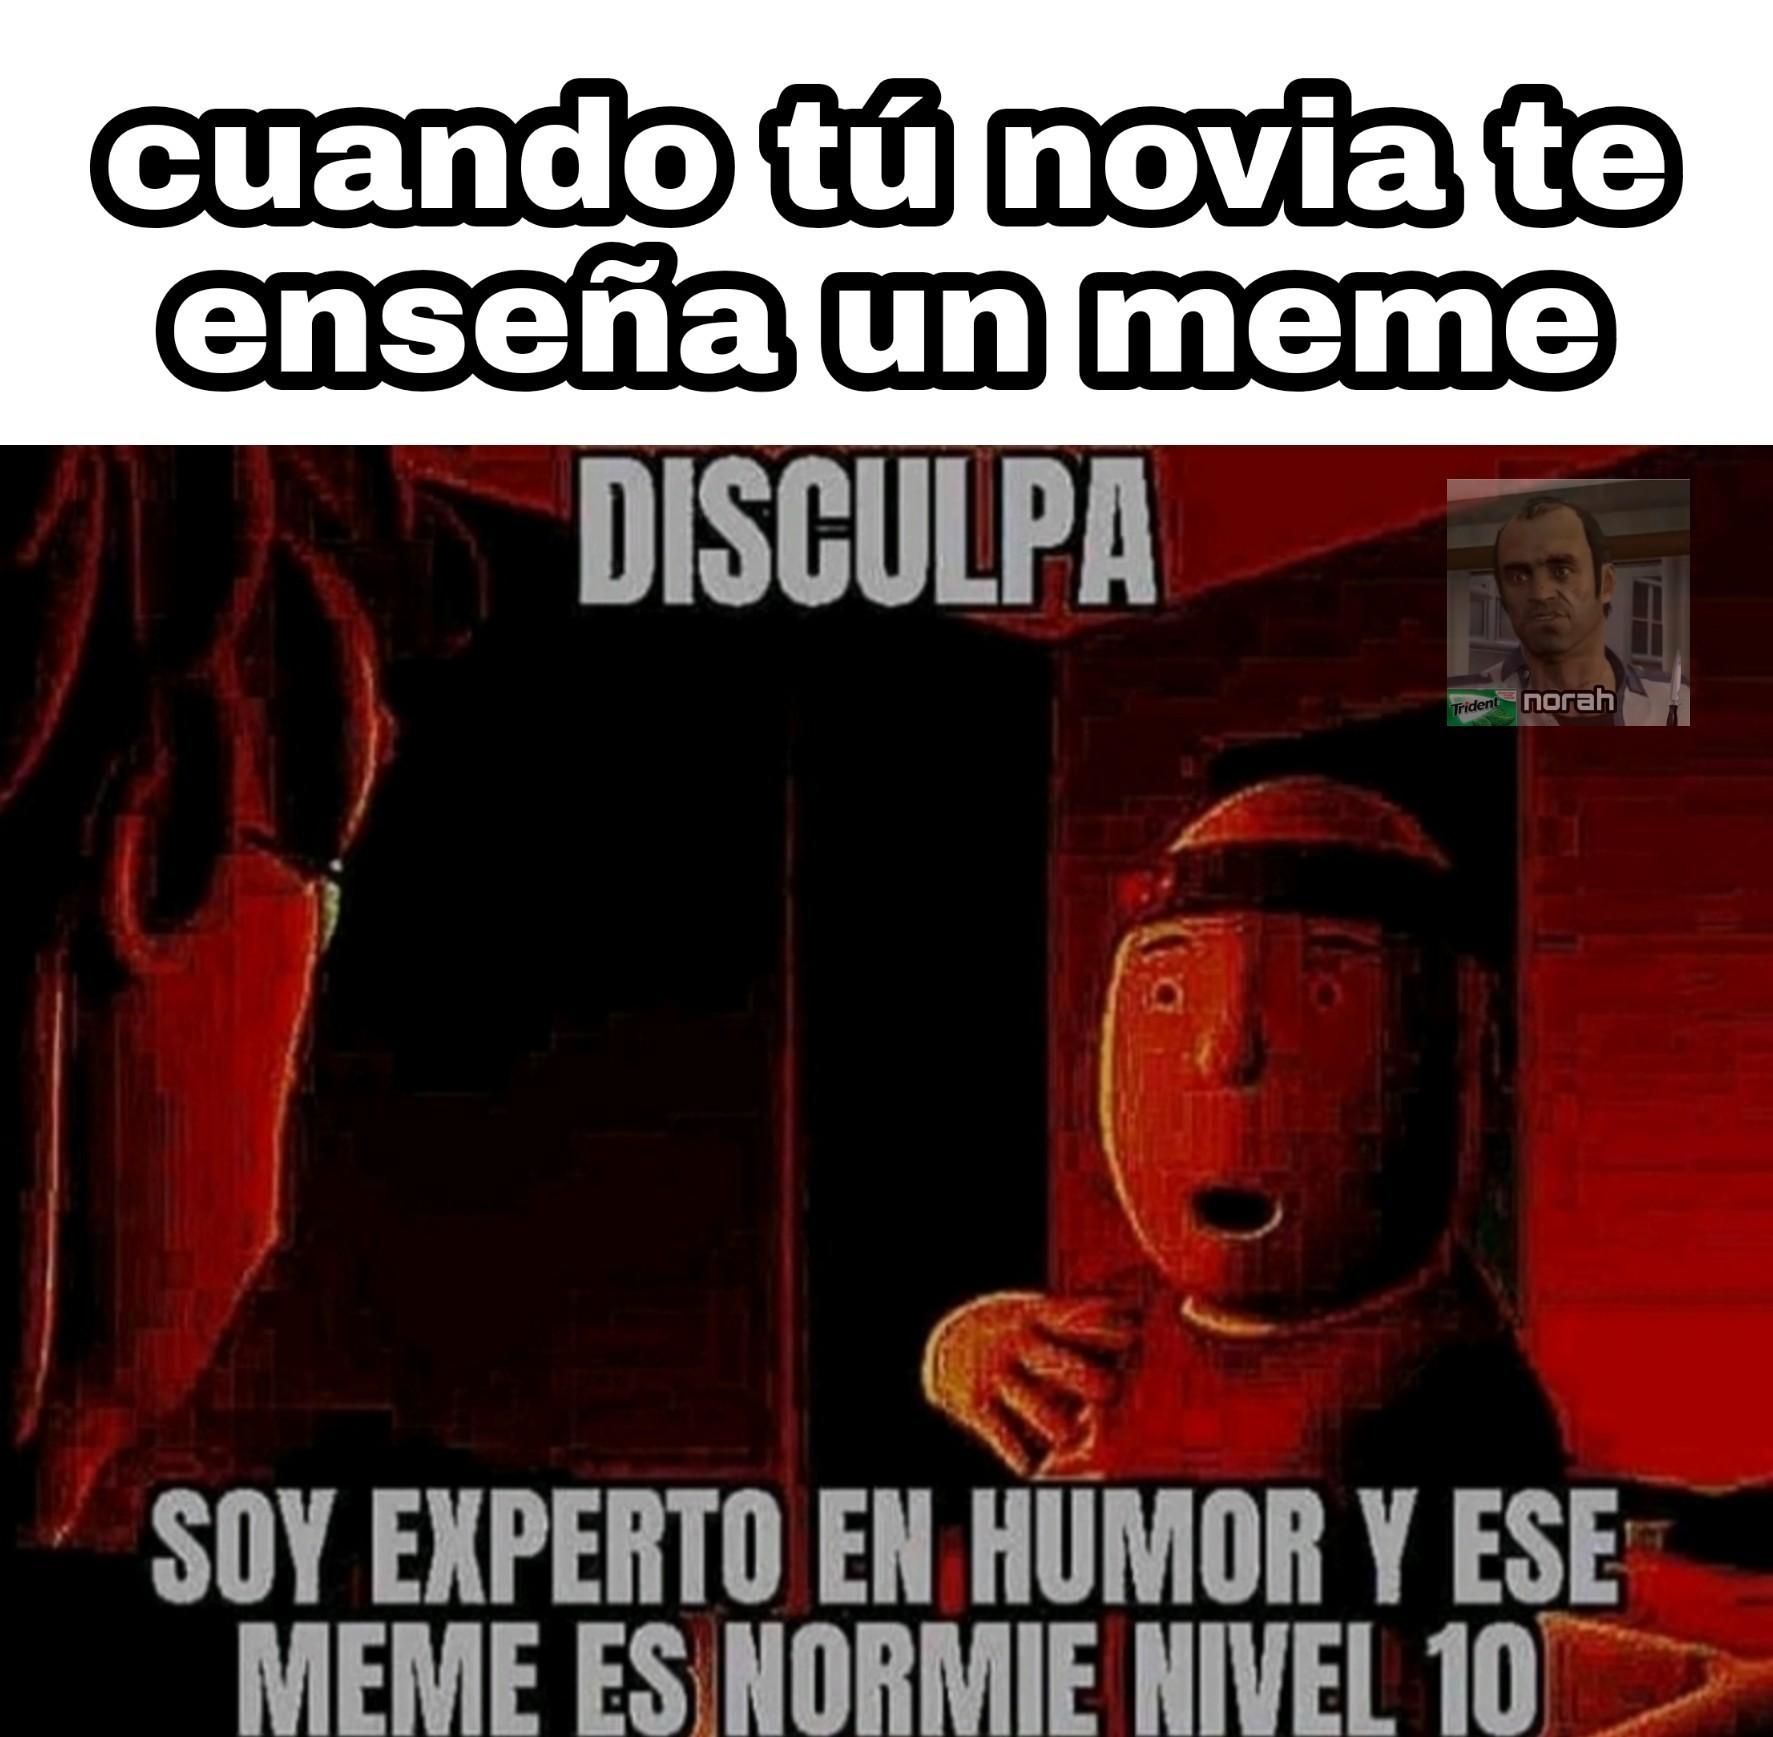 Viva las forzadas - meme